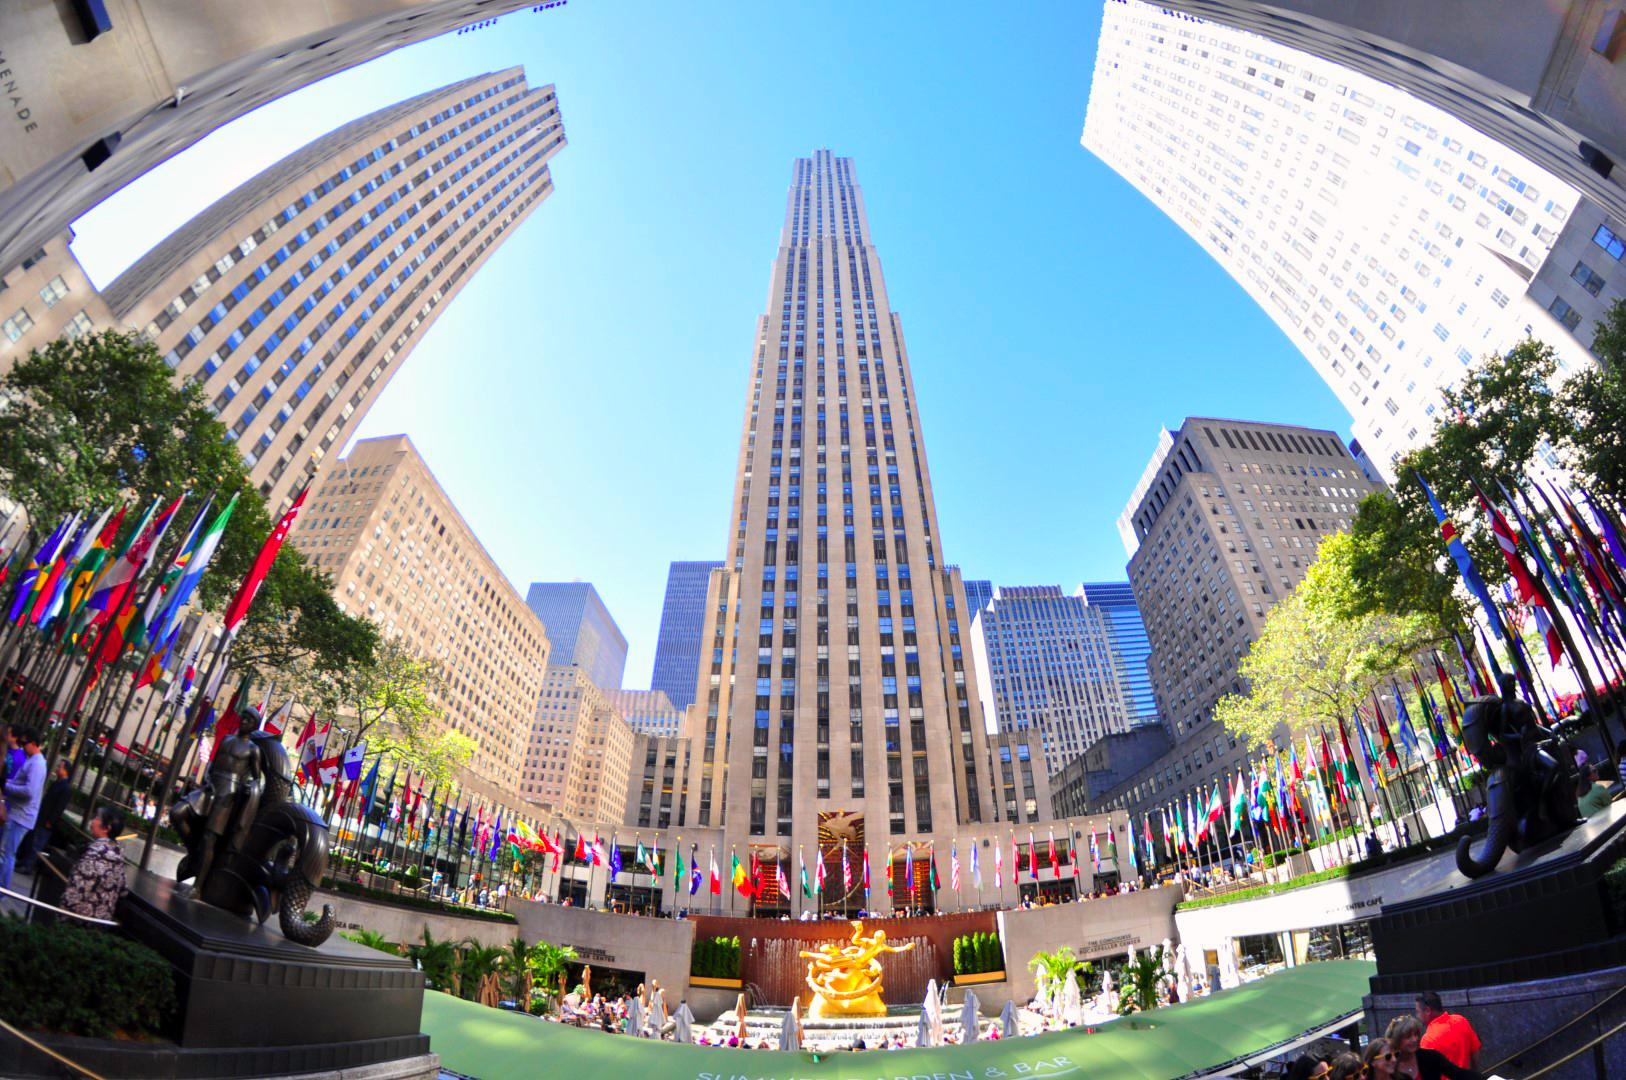 Qué hacer y ver en Nueva York qué hacer y ver en nueva york - 31142703695 2cffd2a49d o - Qué hacer y ver en Nueva York